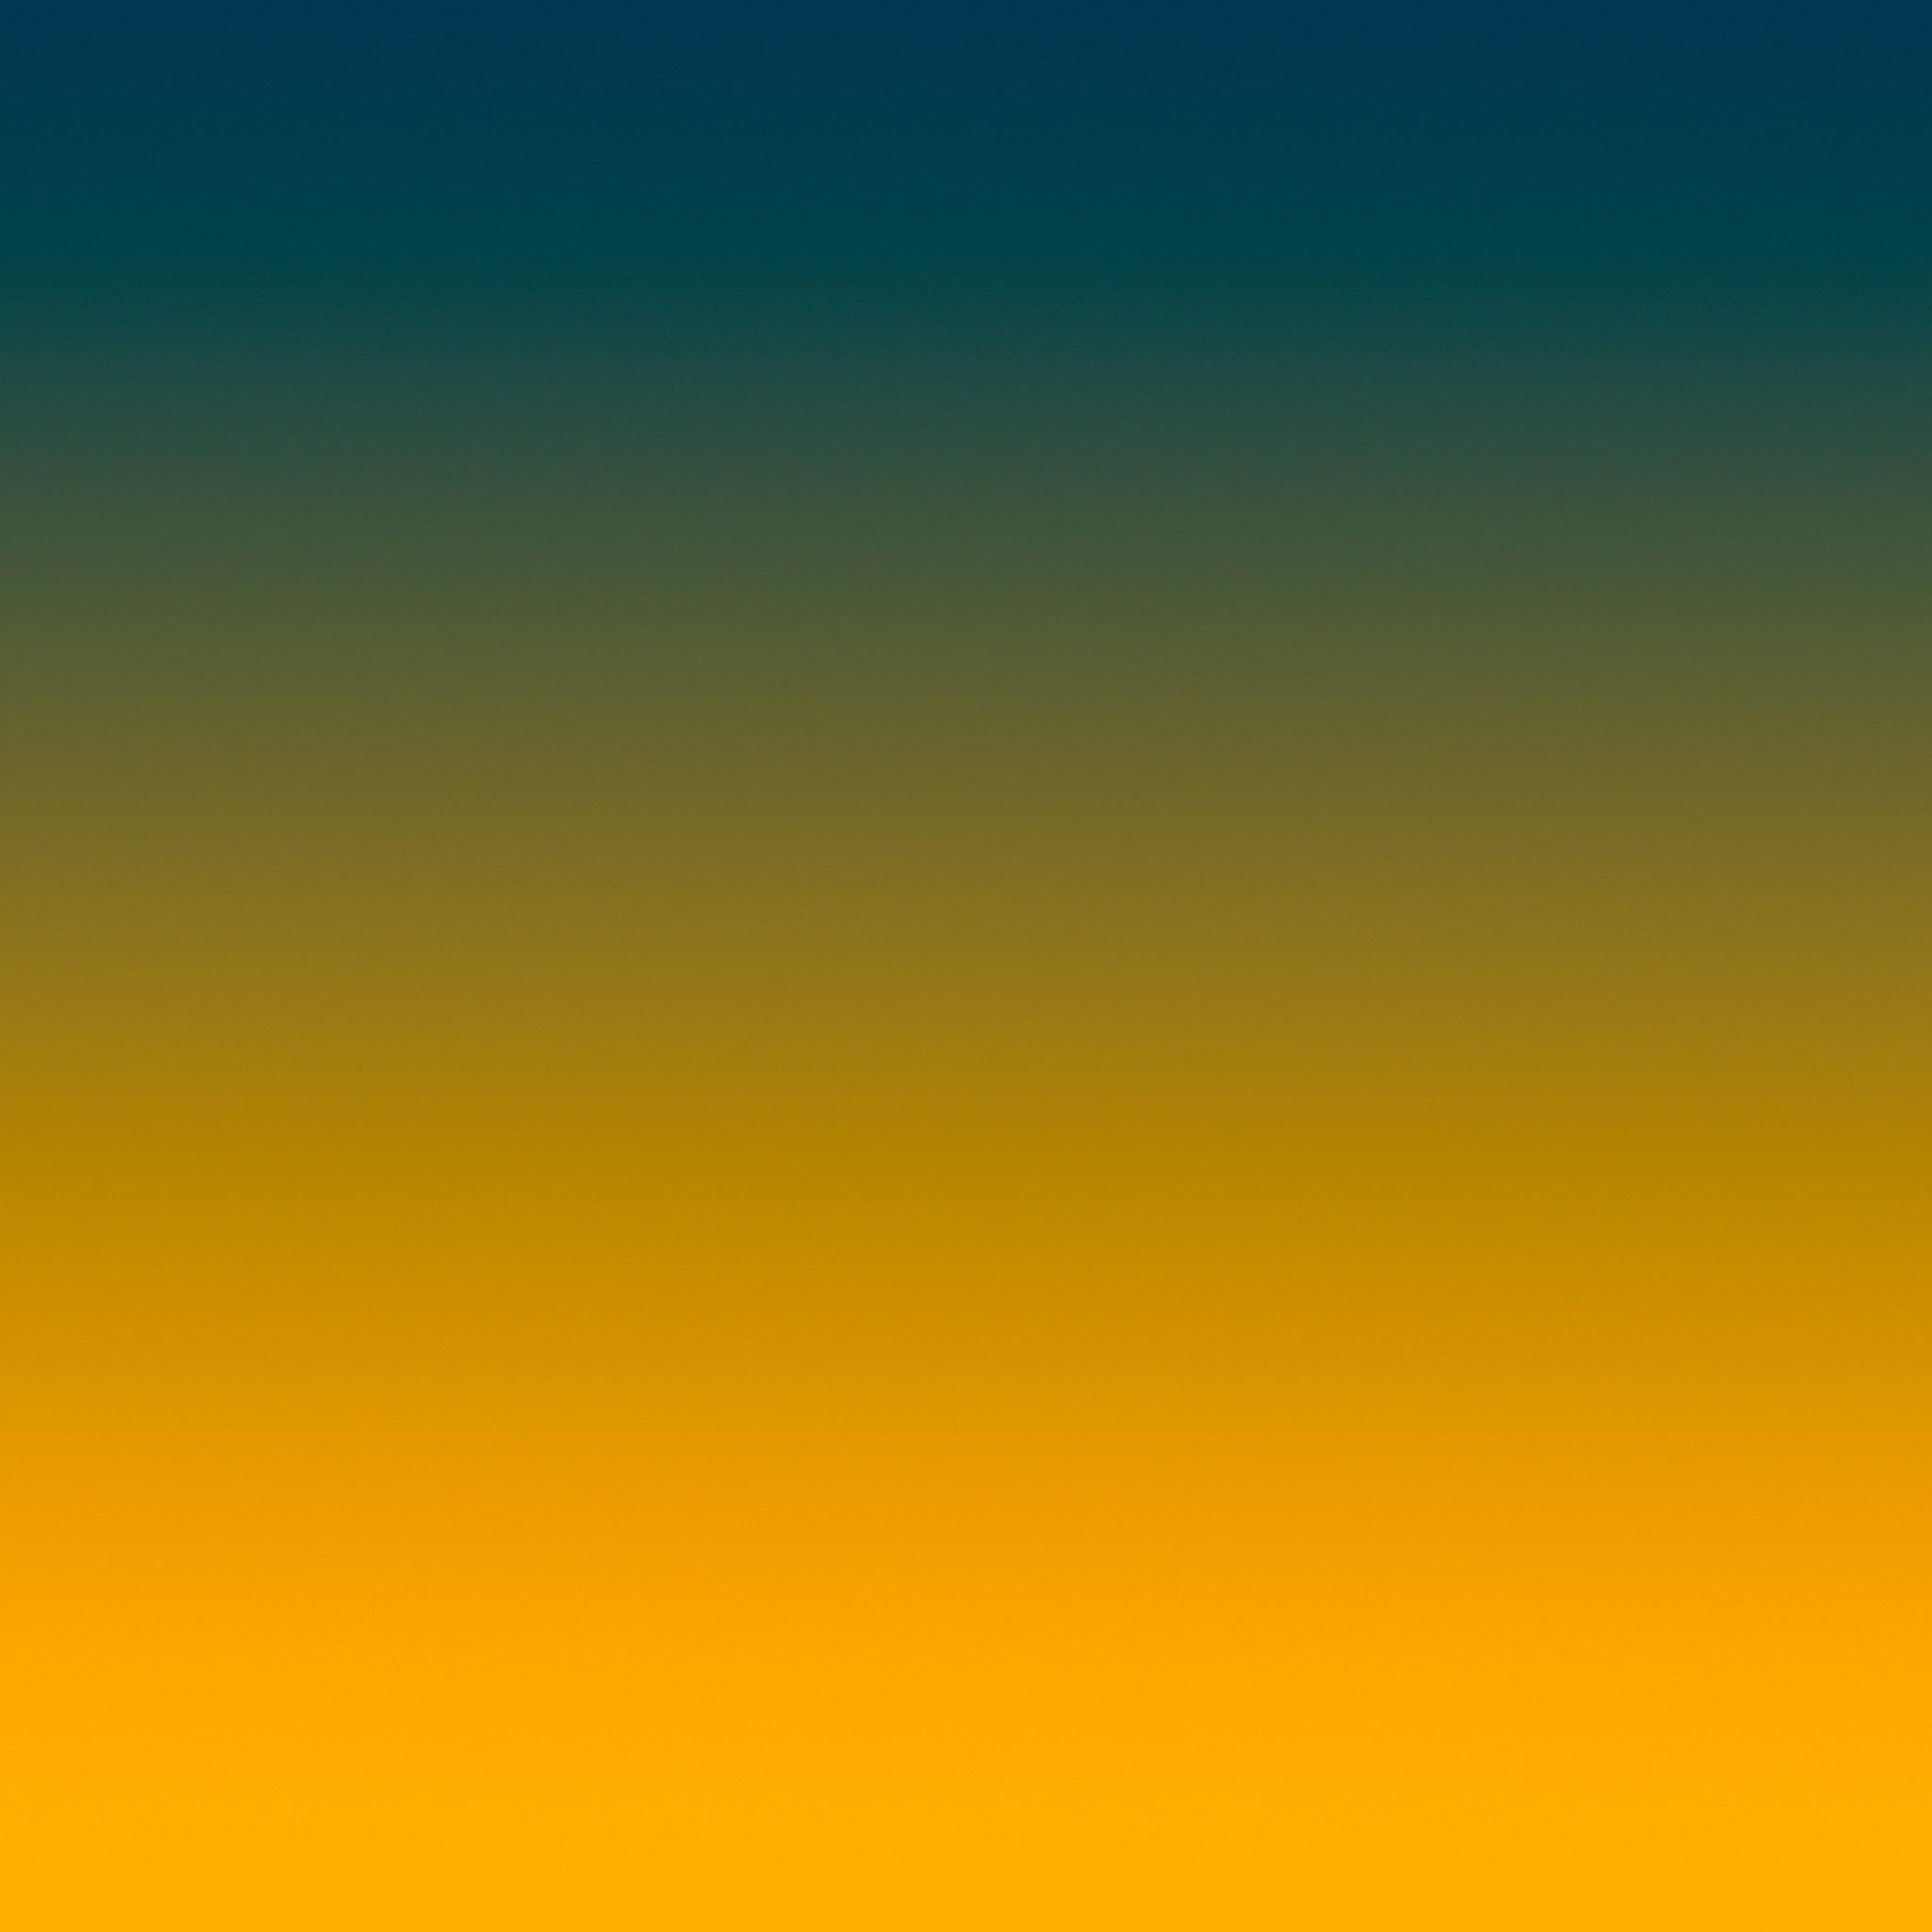 желтый фон картинки с переходом узнал методе модернизации